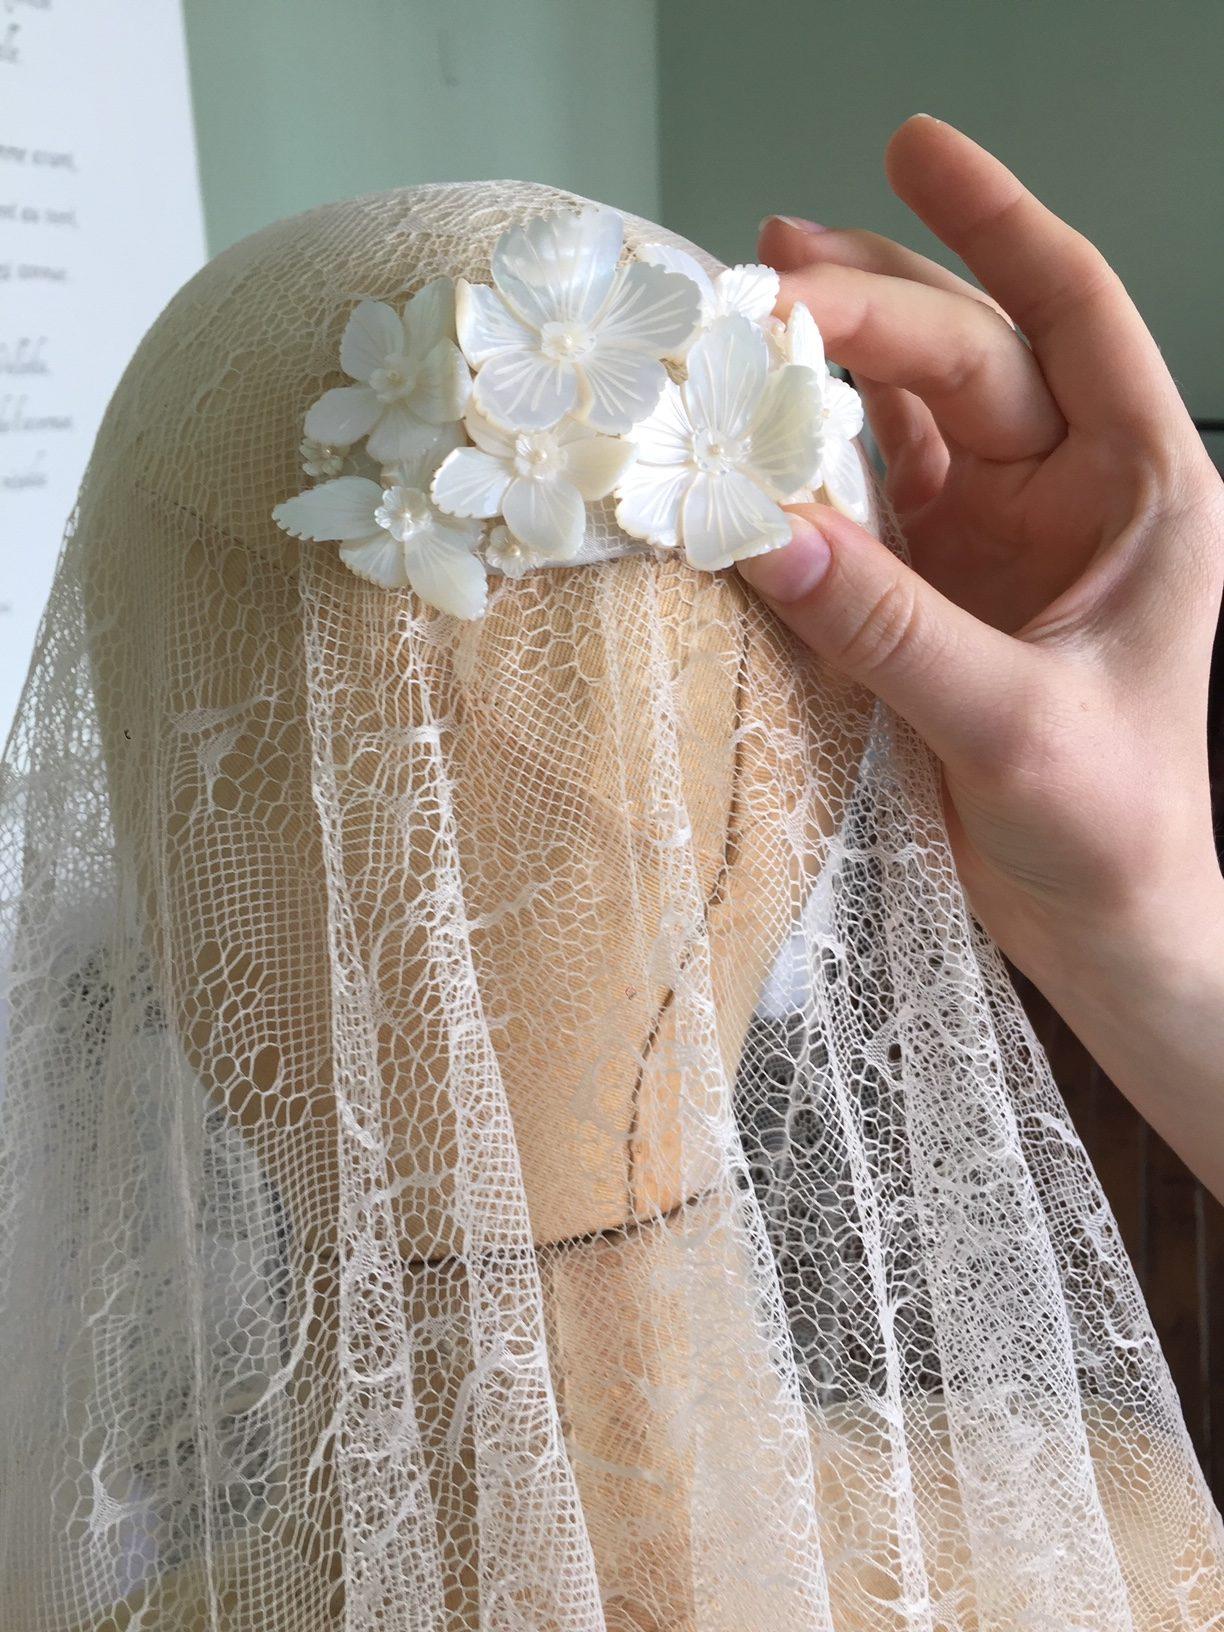 Haarspeld voor het vastzetten van een bruidssluier, gemaakt van handgesneden parelmoer bloemen